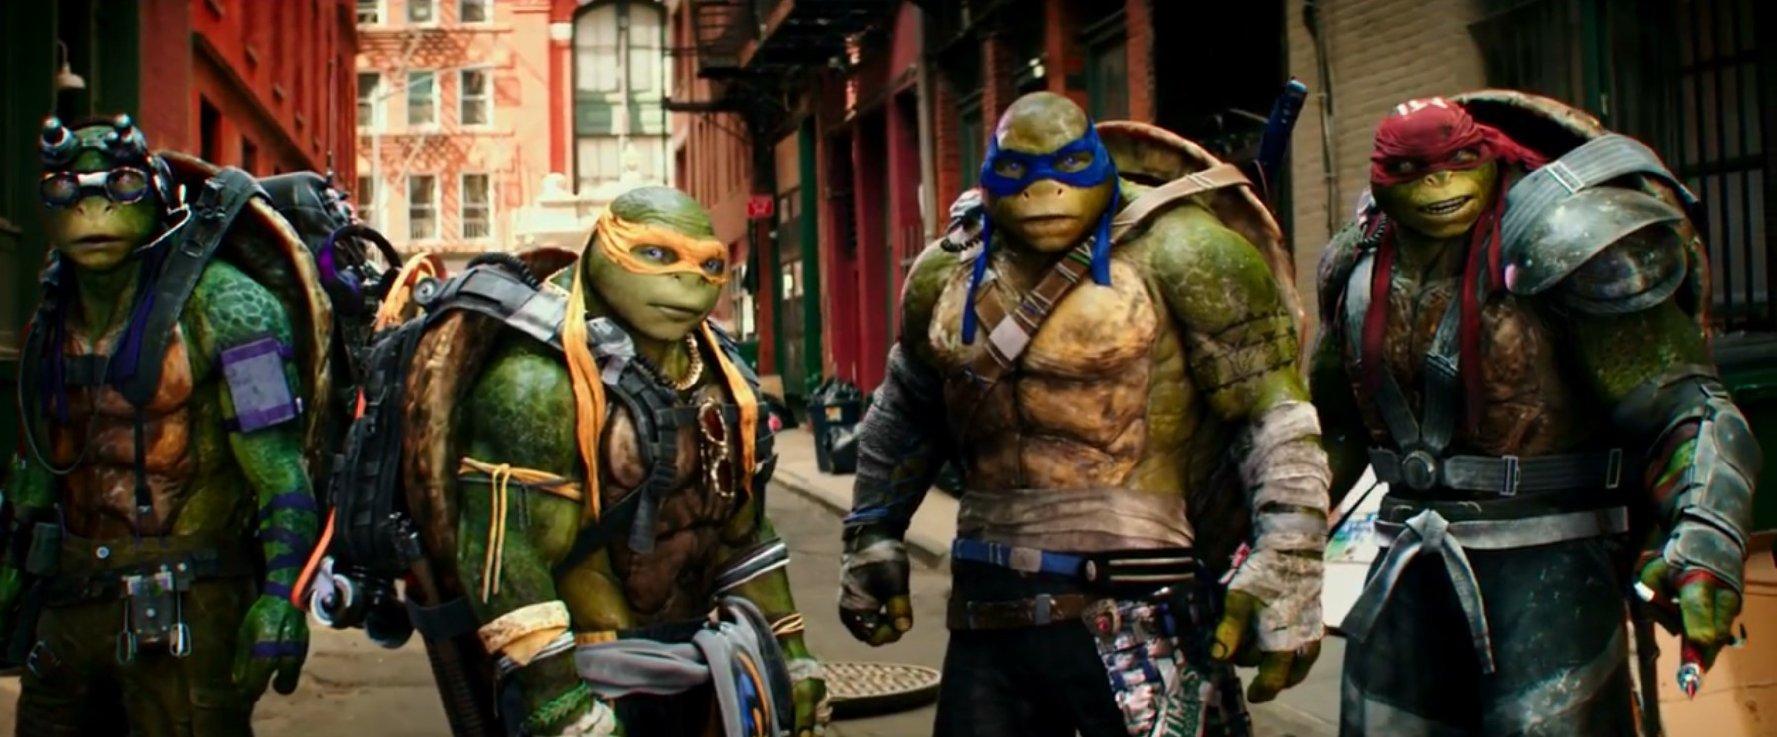 """Recenzja """"Wojownicze żółwie ninja: Wyjście z cienia"""" – żółwie mogły jednak nie wychodzić"""